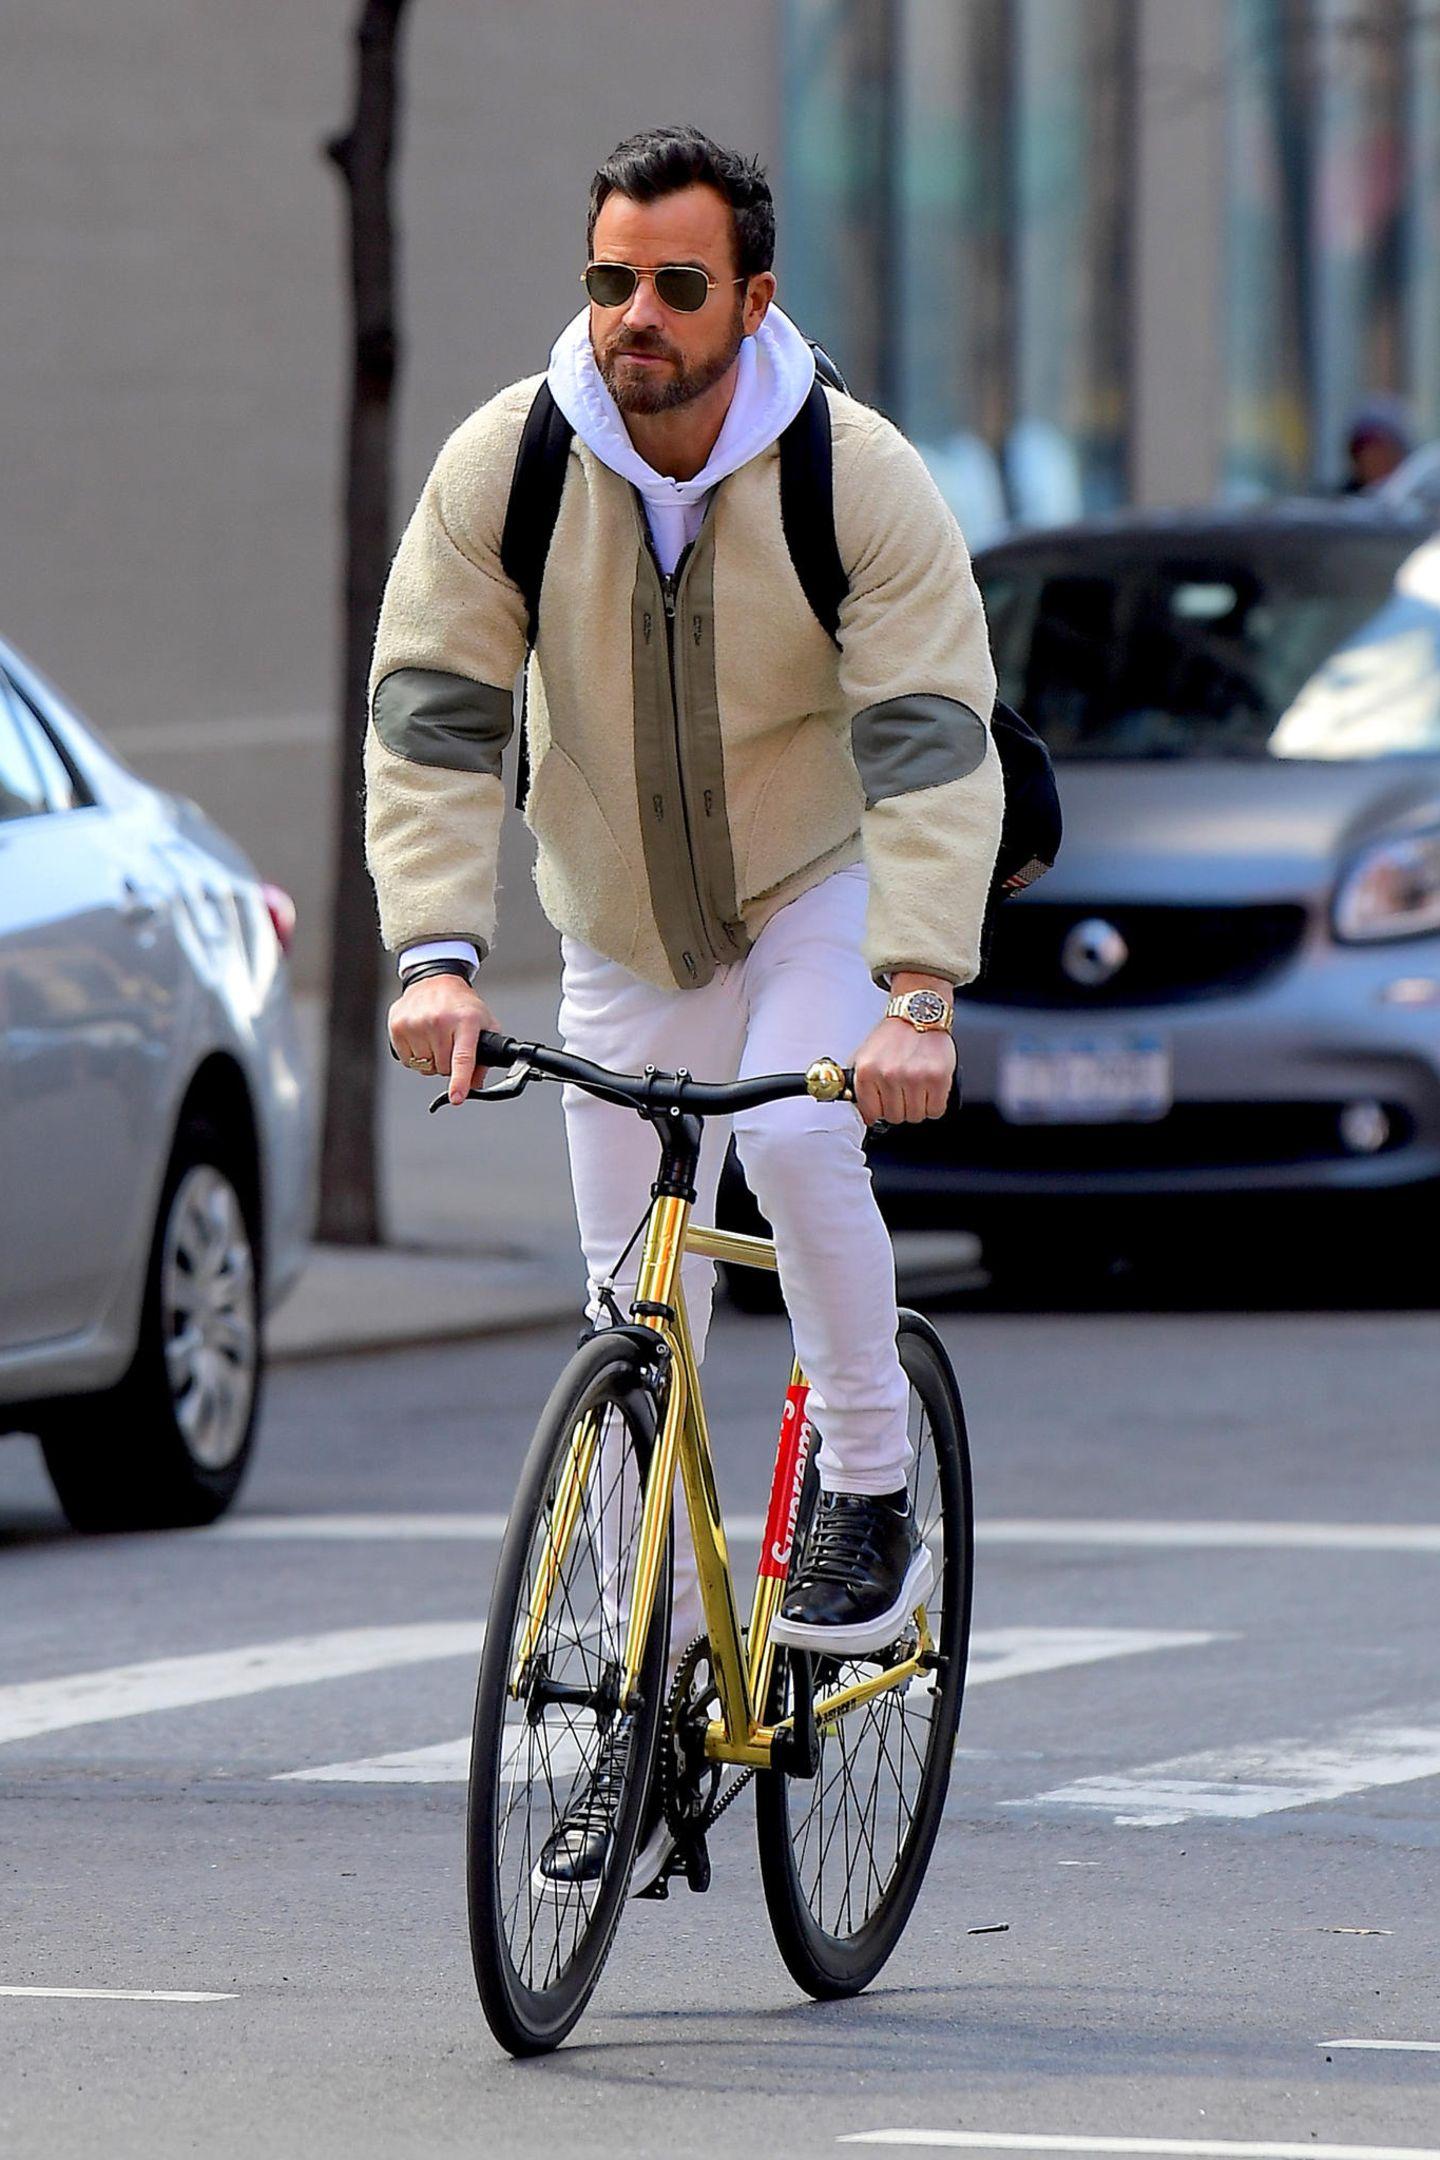 Die Straßen von New York sind verstopft mit Autos, Justin Theroux macht es genau richtig und nimmt das Fahrrad, um von A nach B zu kommen. Nur einen Helm sollte er sich und seiner Sicherheit unbedingt noch gönnen.